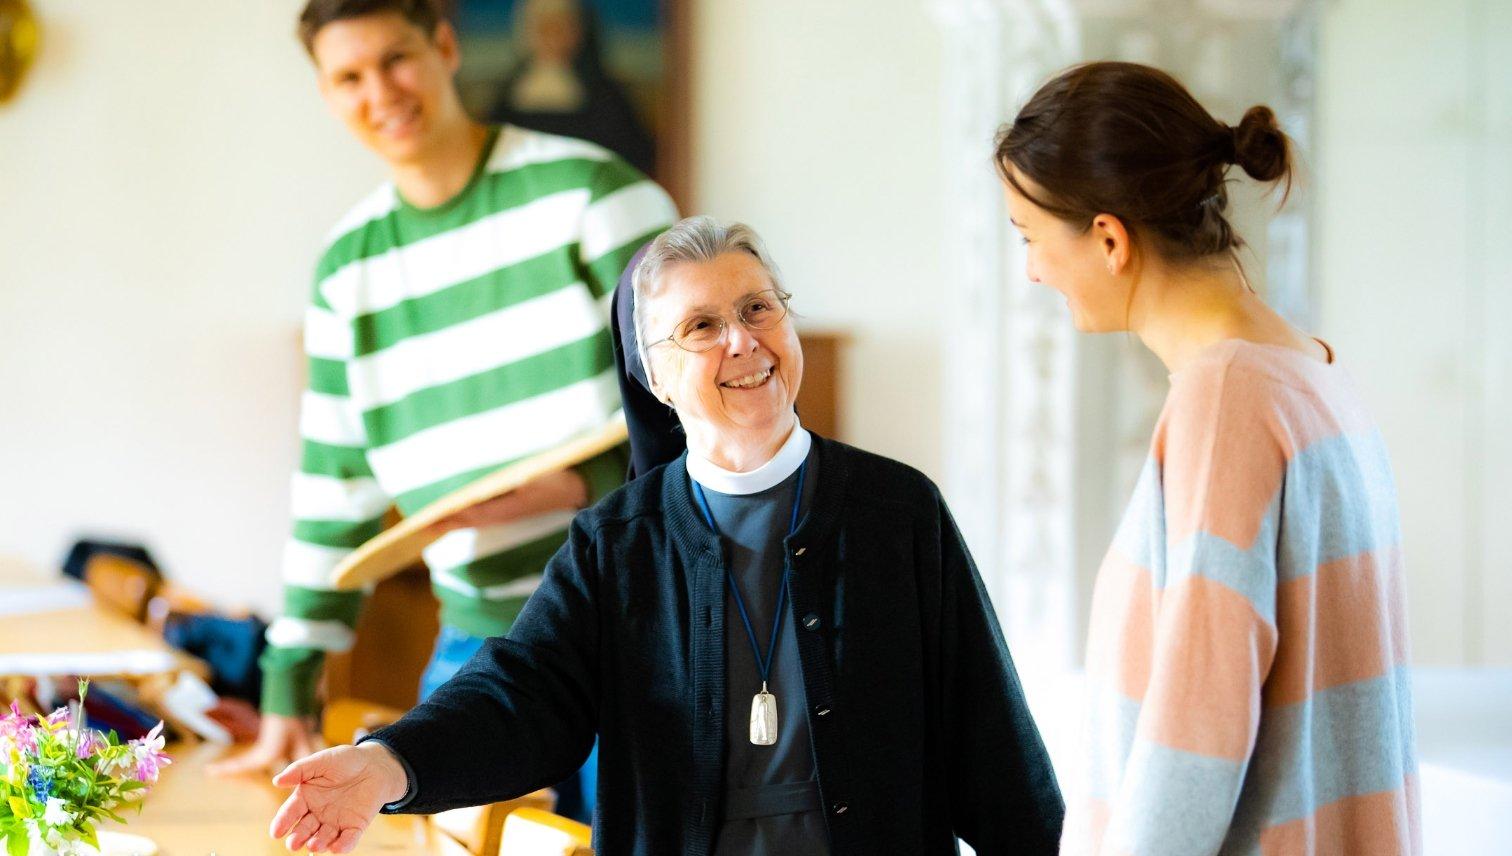 Salvina Höfler tut die Struktur des Ordenslebens gut. Täglich nimmt sie sich Zeit für das persönliche Gebet. (Foto: Bischöfliche Pressestelle/Ann-Christin Ladermann)